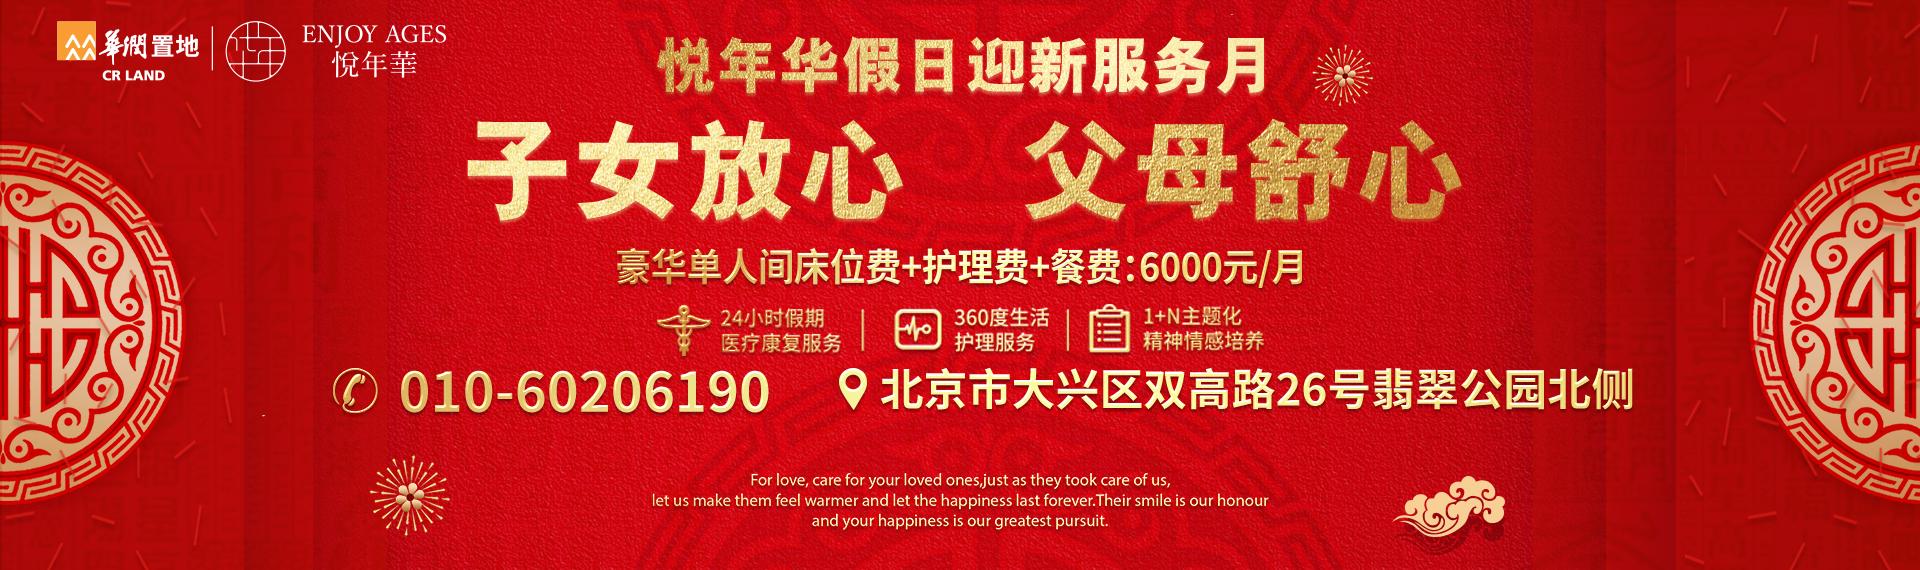 悦年华首页广告